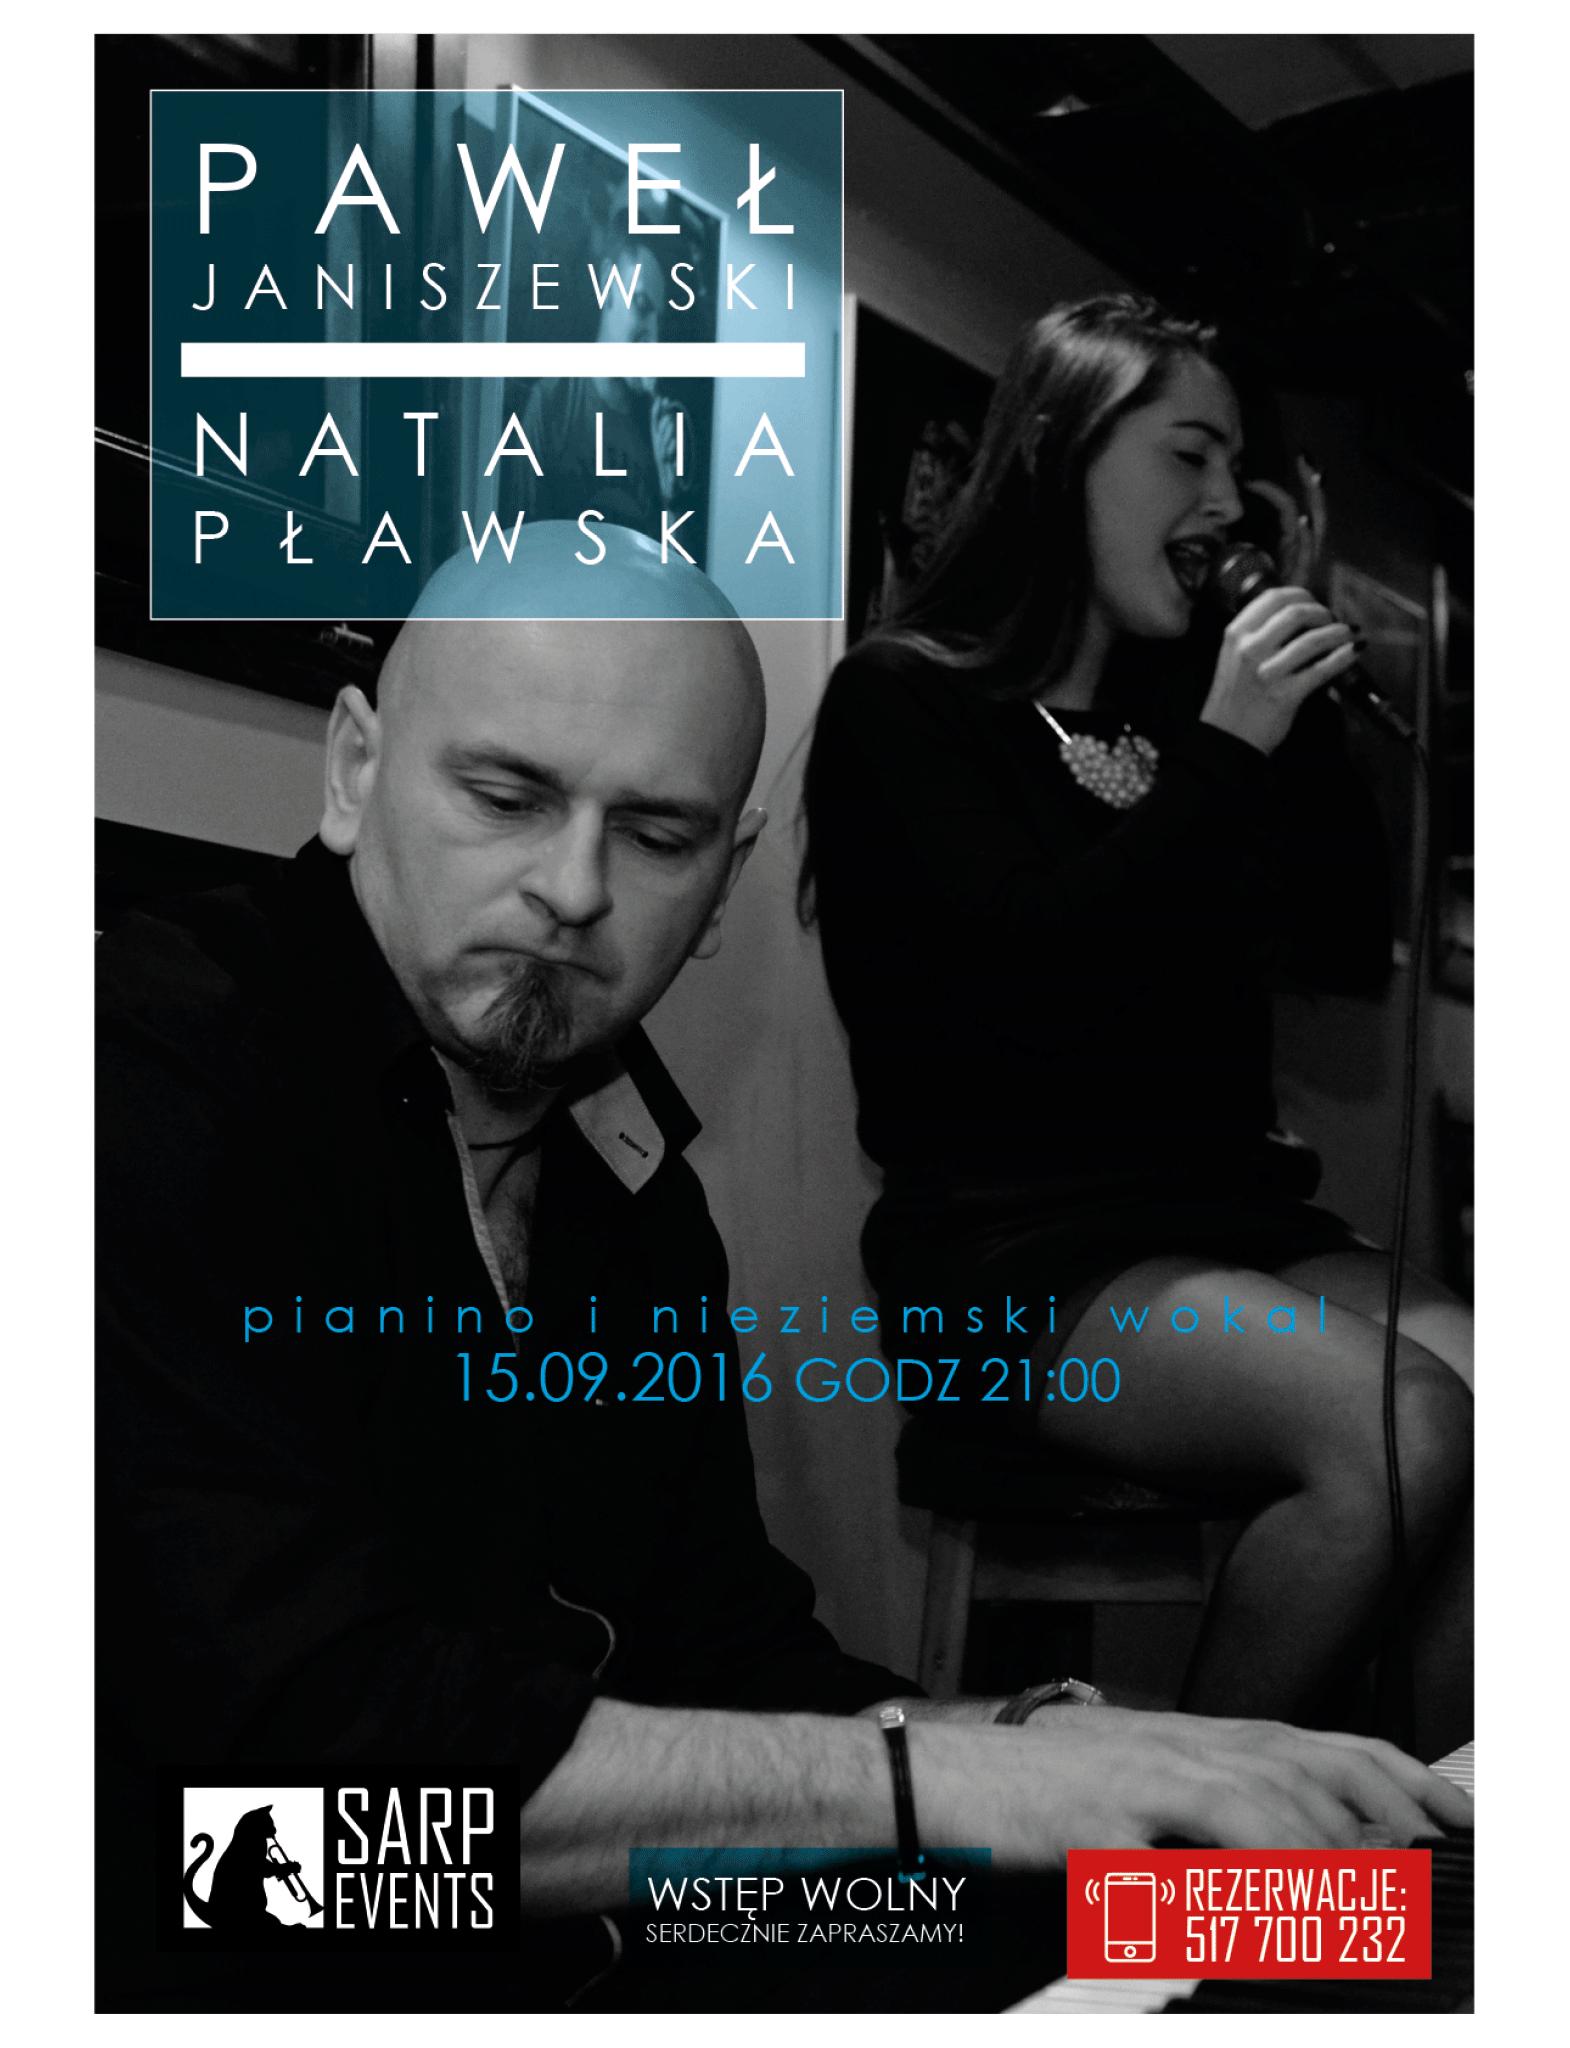 Sarp zaprasza: na scenie Paweł Janiszewski i Natalia Pławska